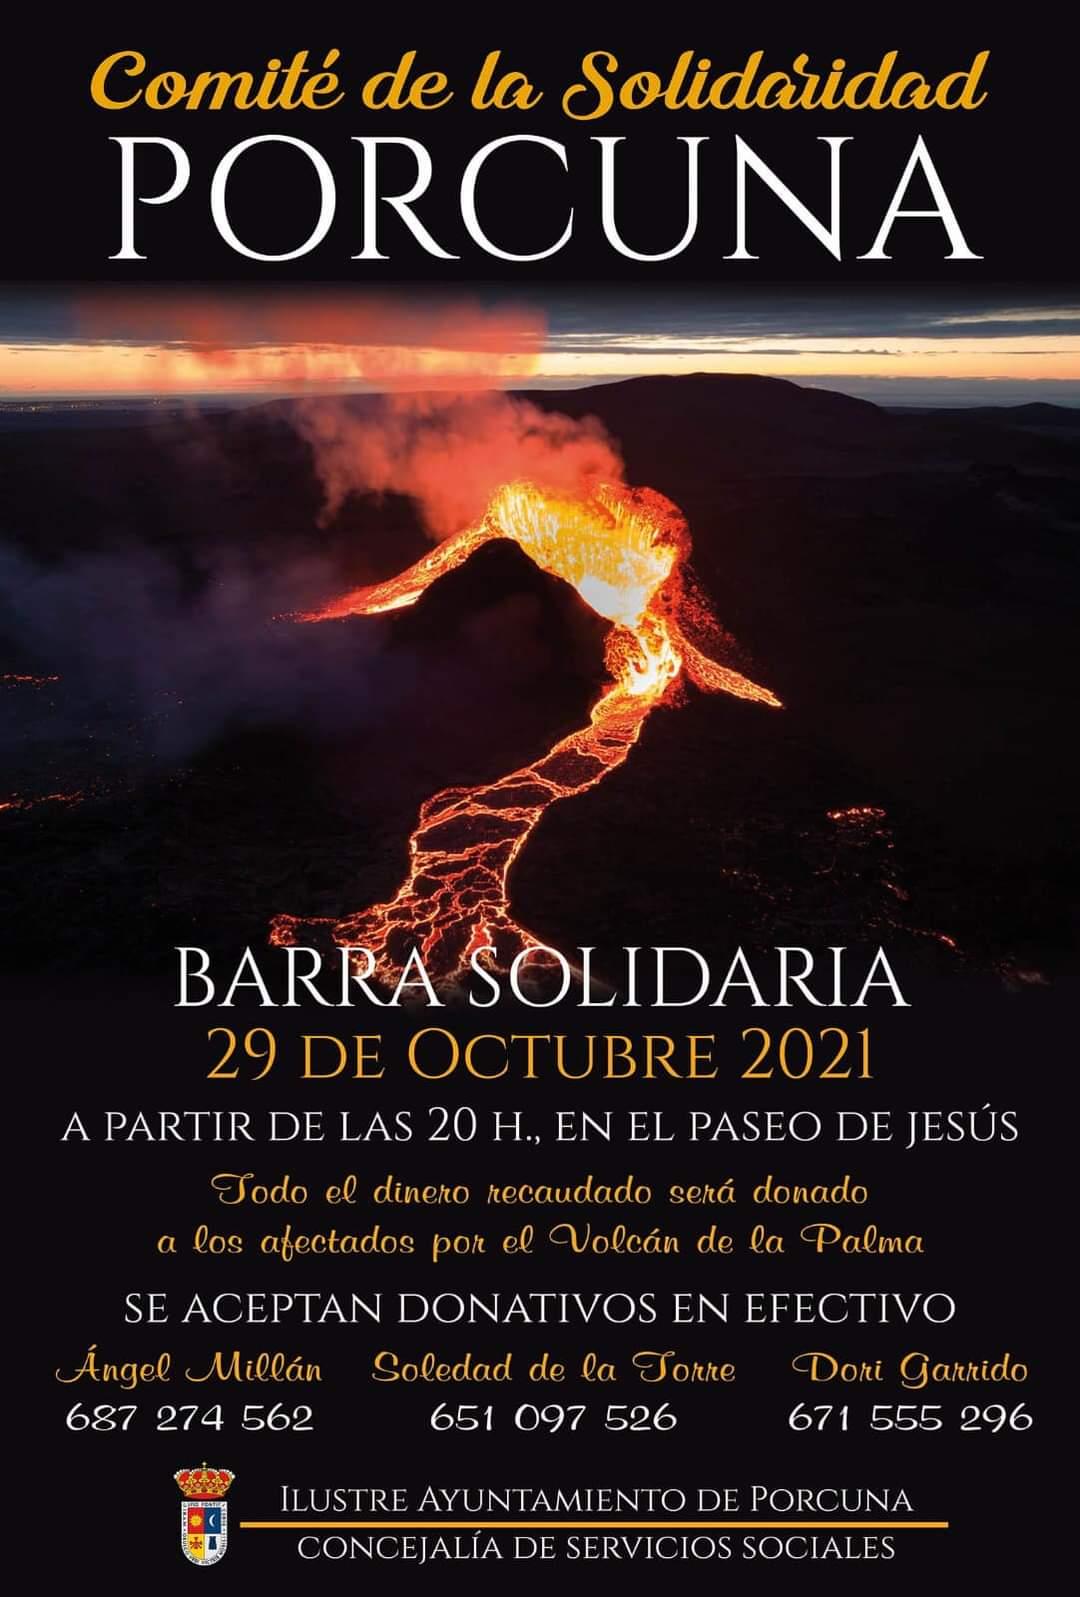 Barra solidaria volcán de La Palma